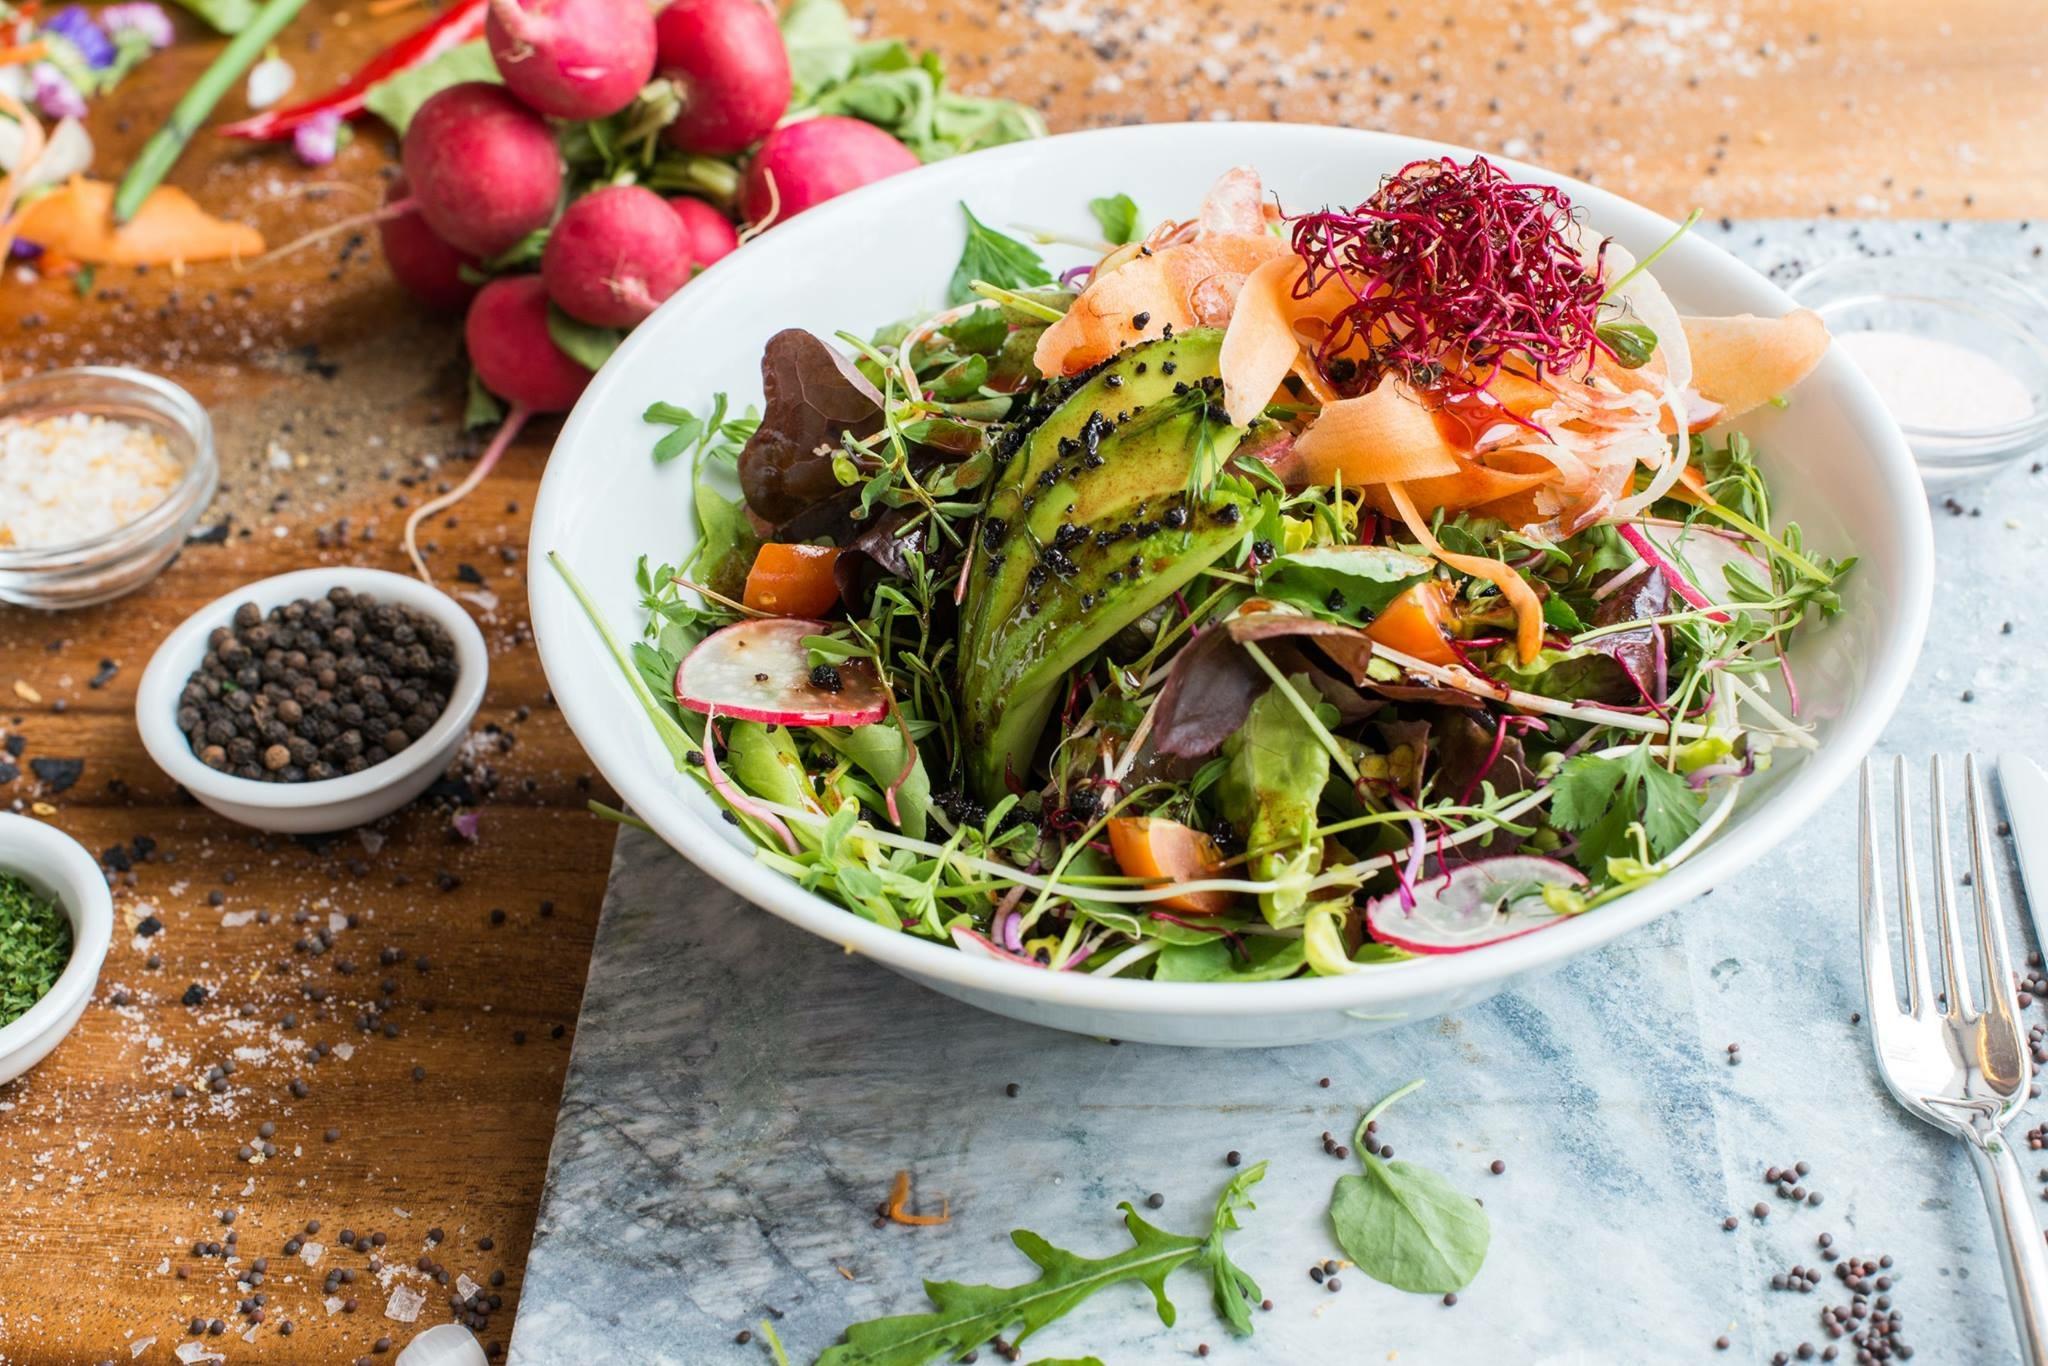 Wild Beets Ibiza healthy organic superfood restaurant 2.JPG